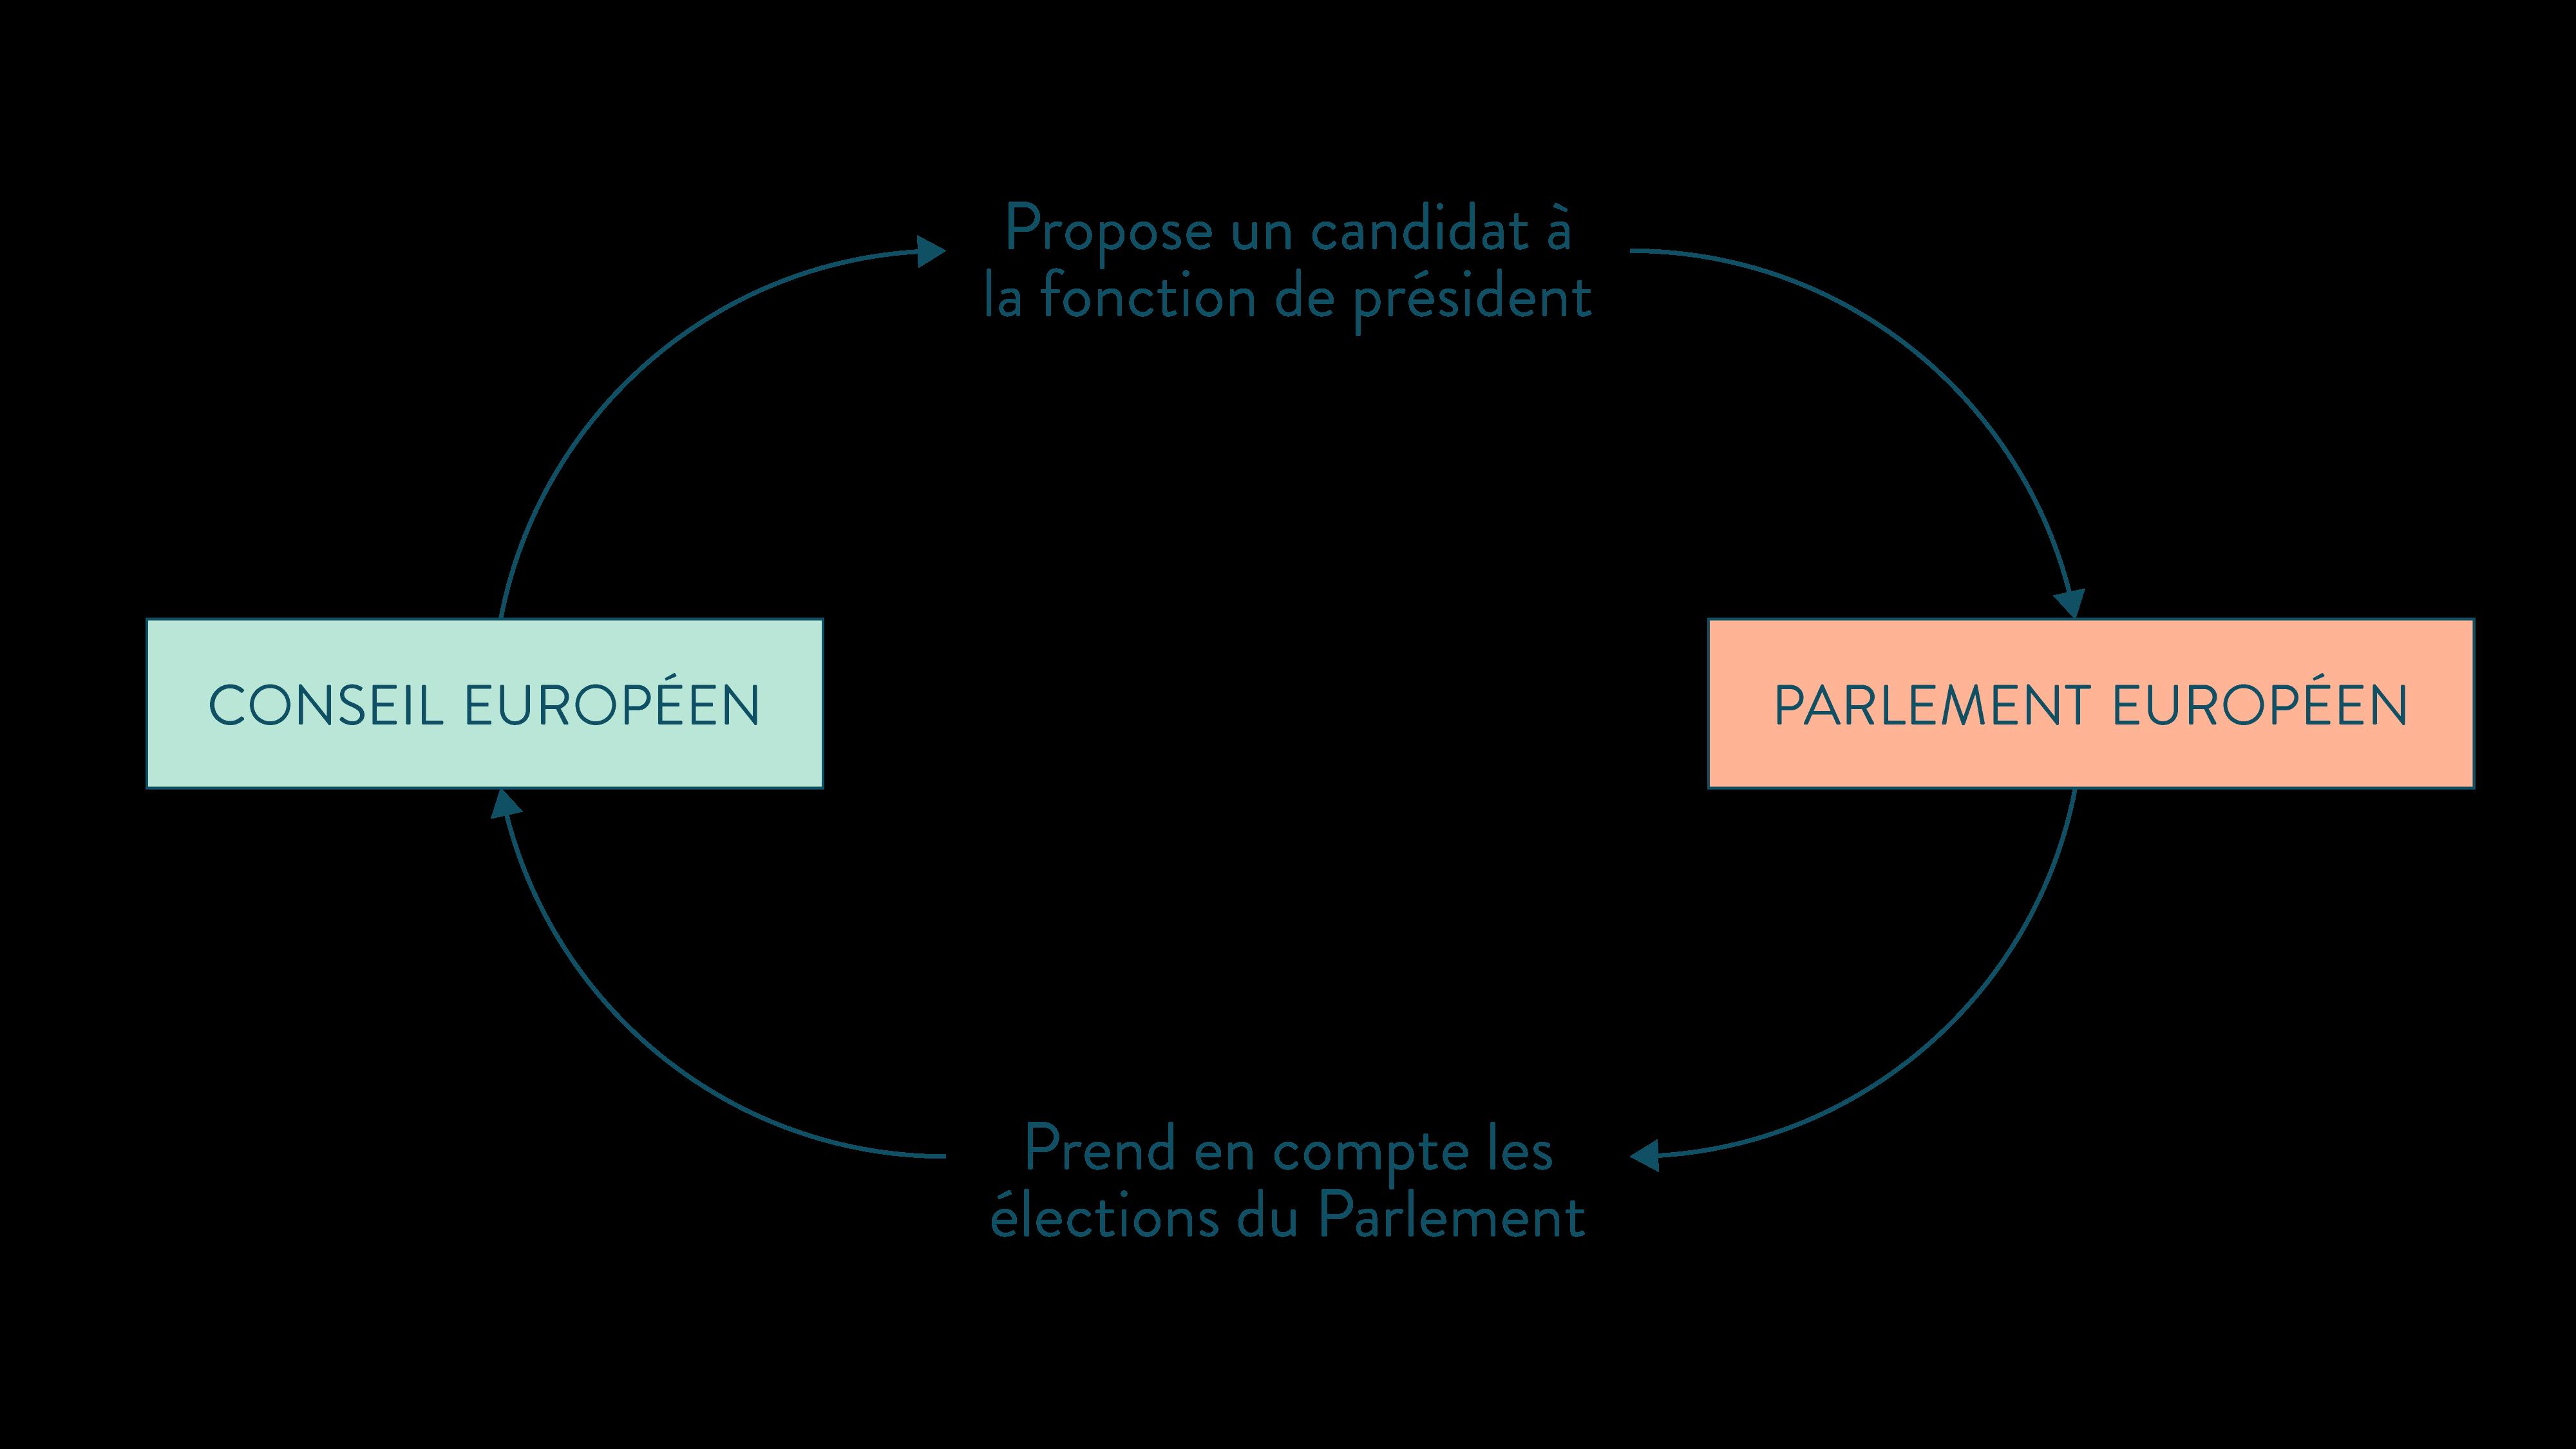 fonctionnement du conseil européen et du parlement ses terminale